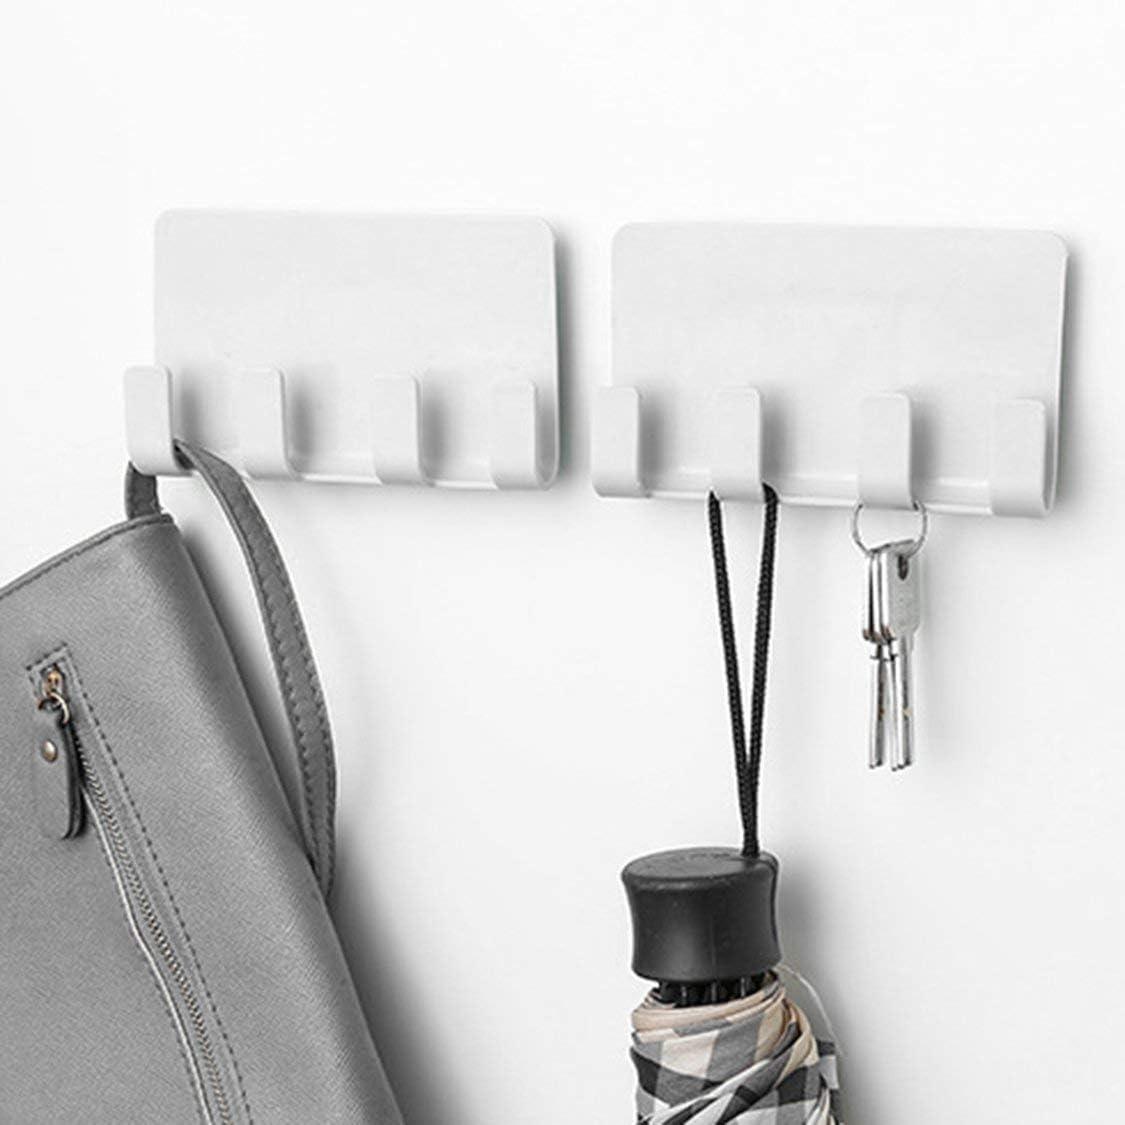 Blanc Vige Support Mural pour t/él/éphone Support de Charge pour Support de bo/îte Support de Support d/étag/ère Support Universel pour Tablette de t/él/éphone Portable